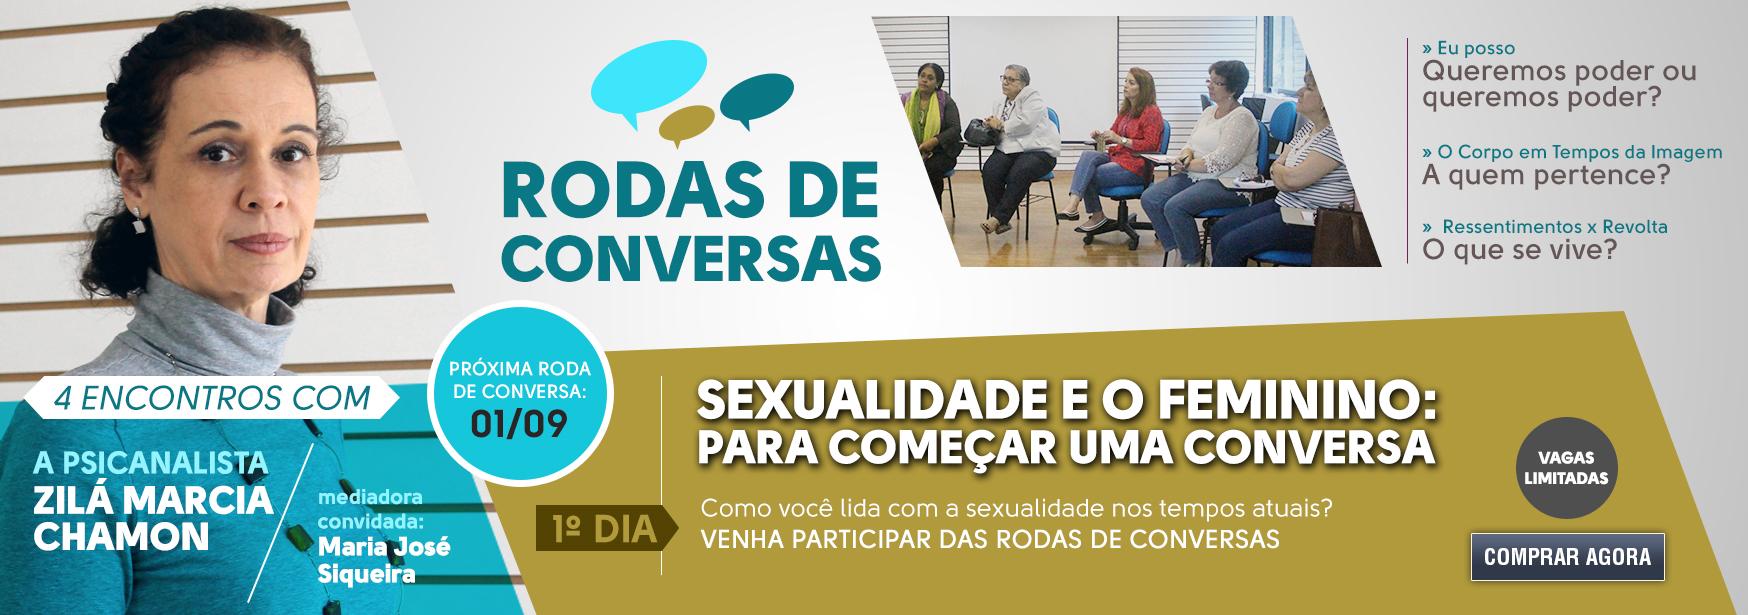 Banner_Constelacao_Coaching_Zila_Sexualidade_Feminino